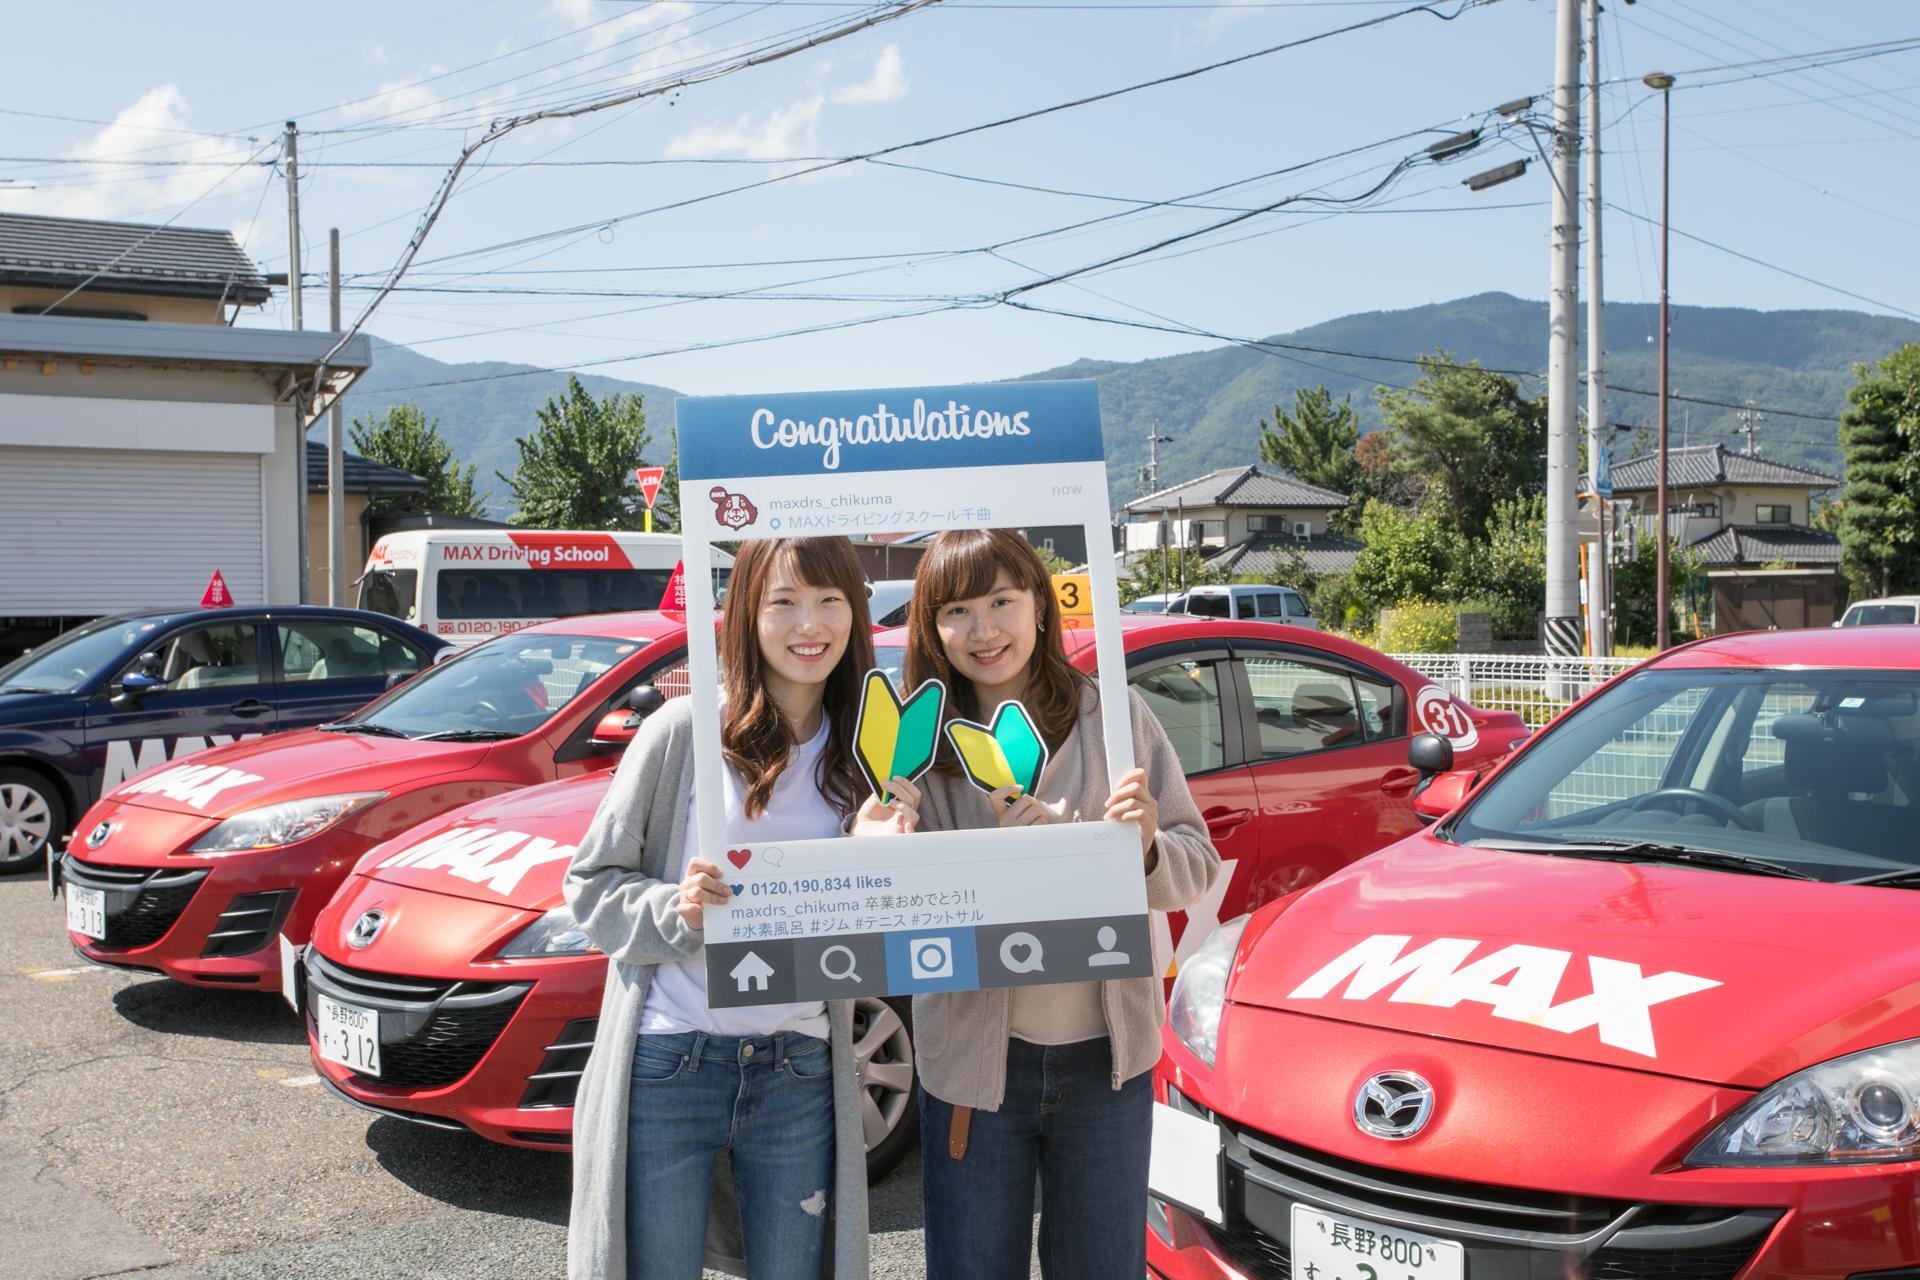 MAXドライビングスクール千曲の安心、格安、丁寧な予約は運転免許受付センター